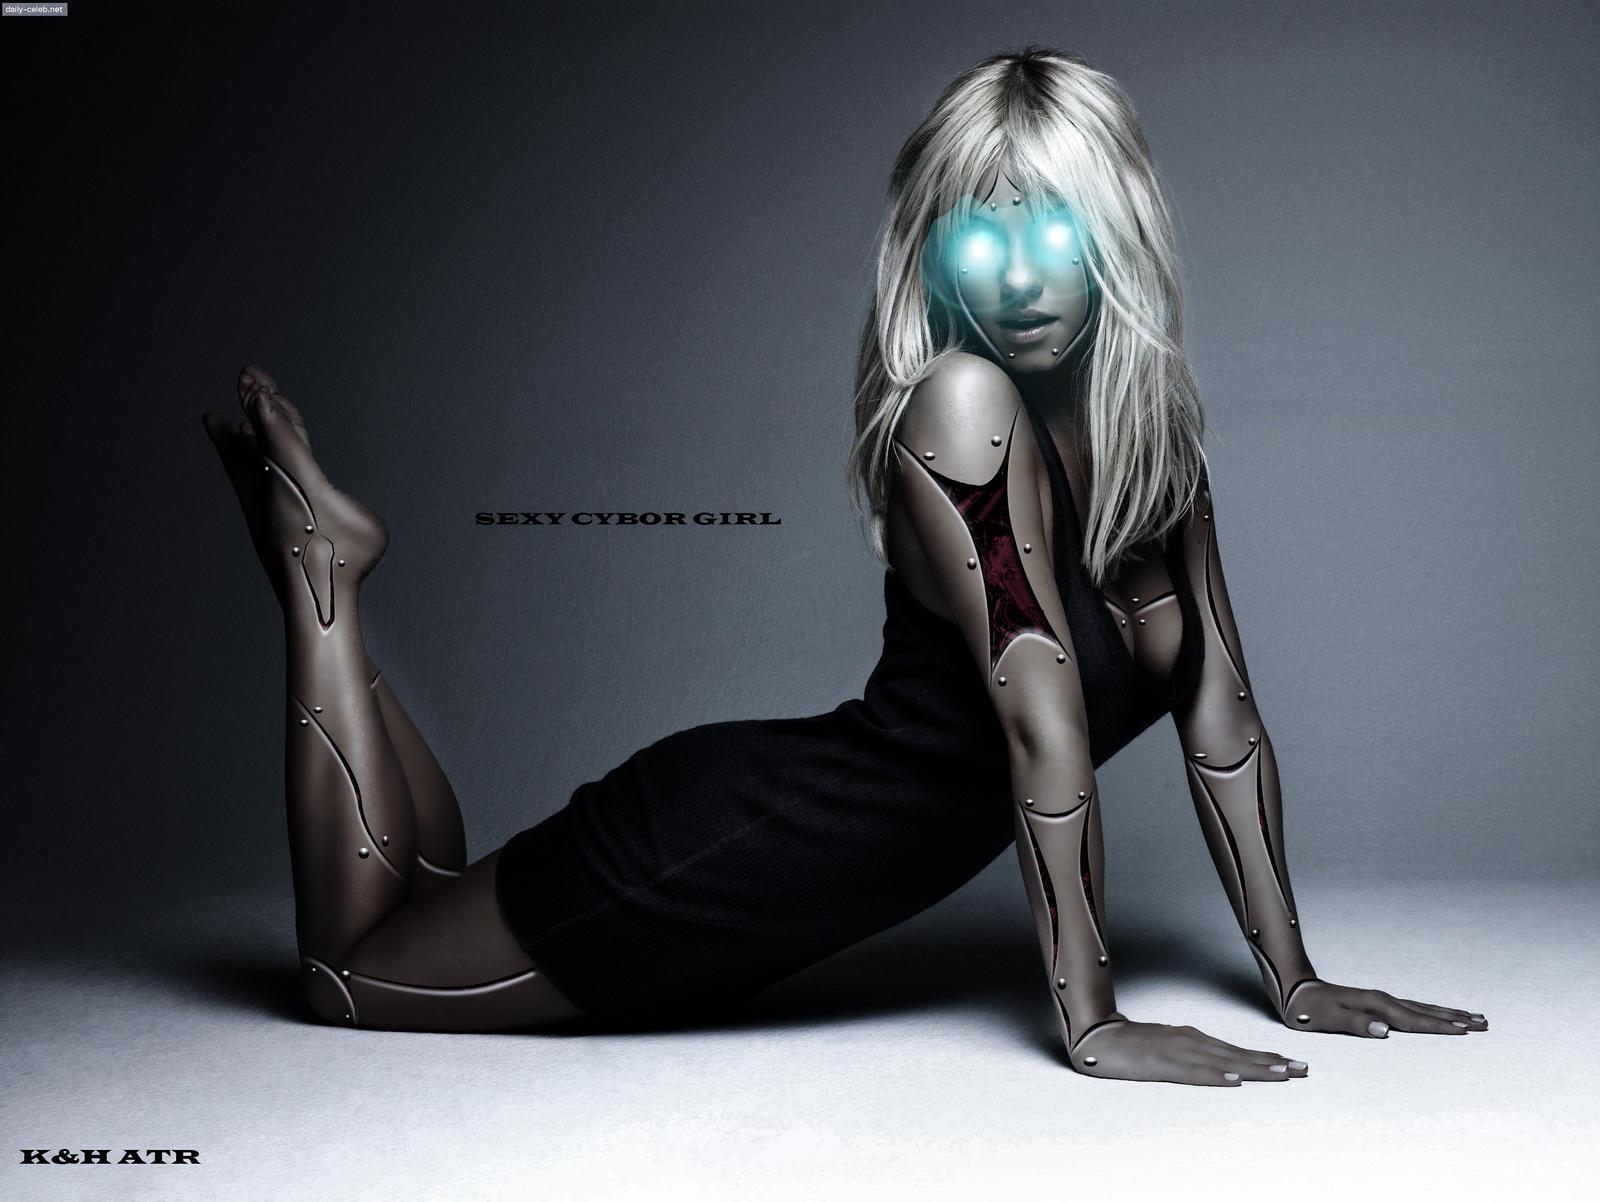 Робот девушка для секса фото 17 фотография